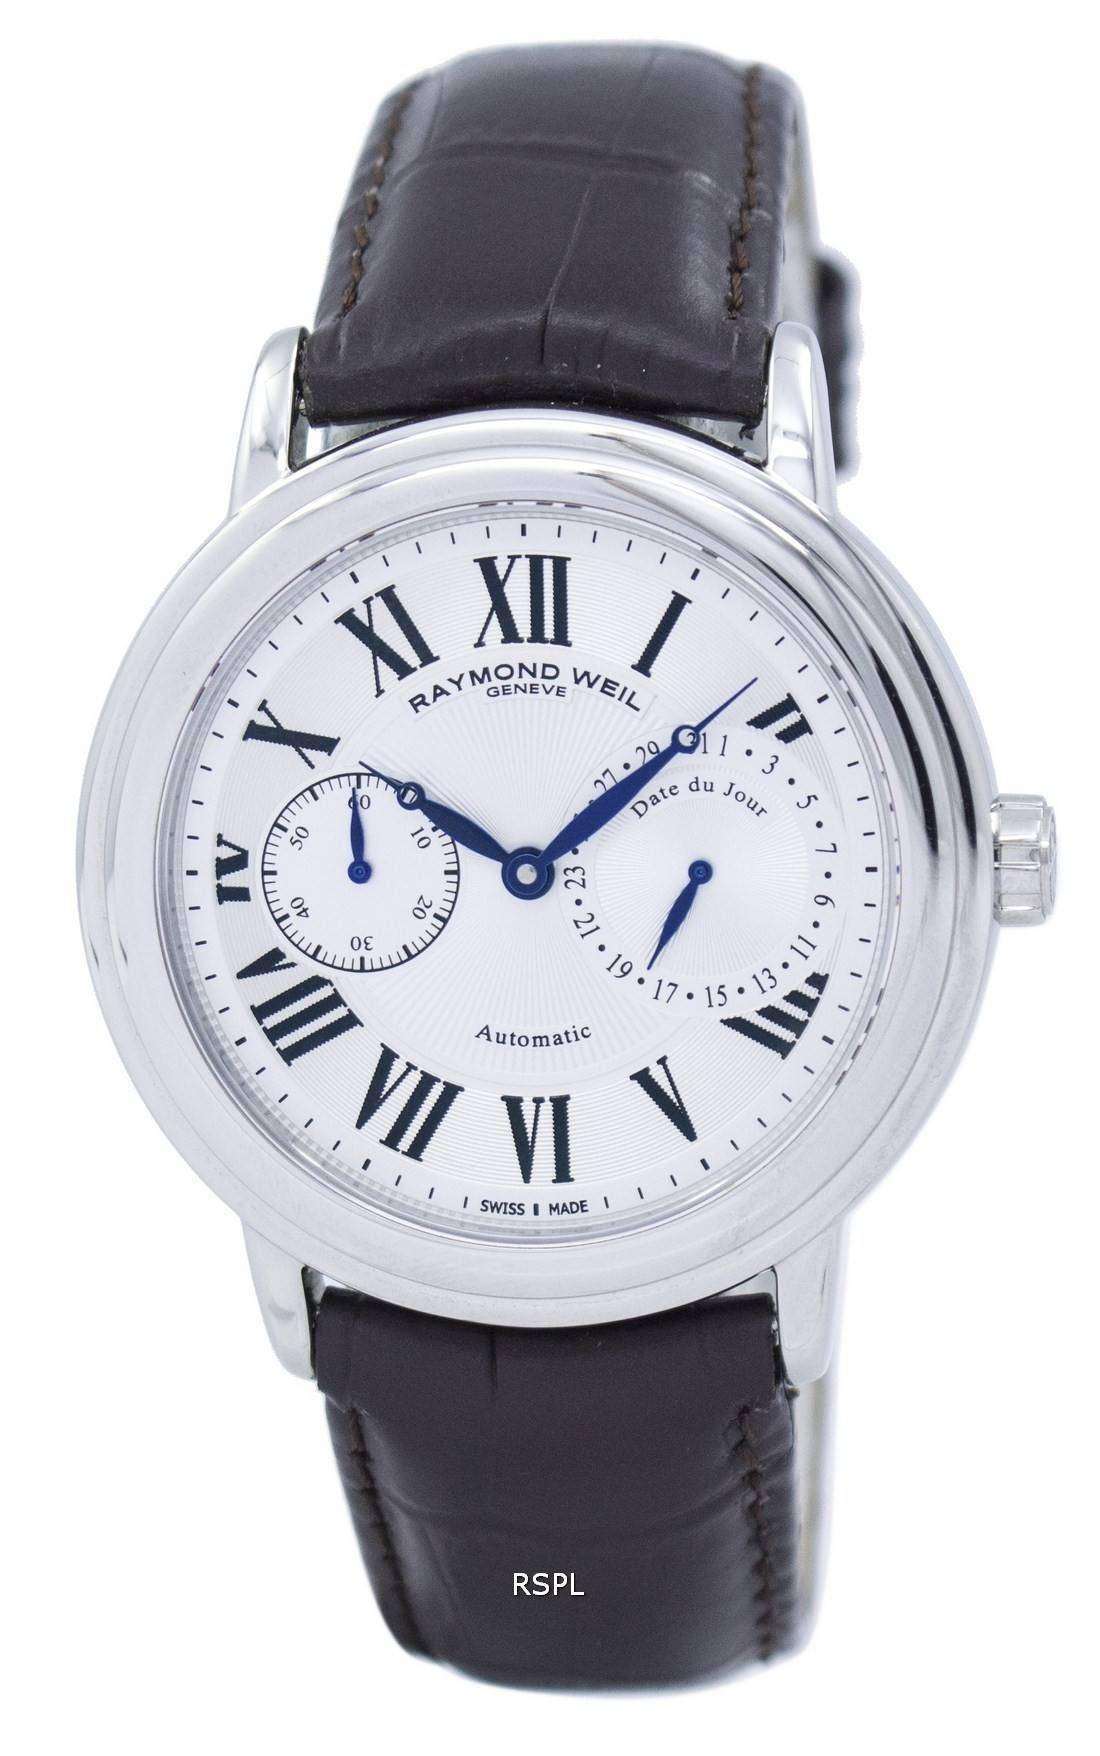 レイモンドウェイル マエストロ自動 2846 STC 00659 男性用の腕時計